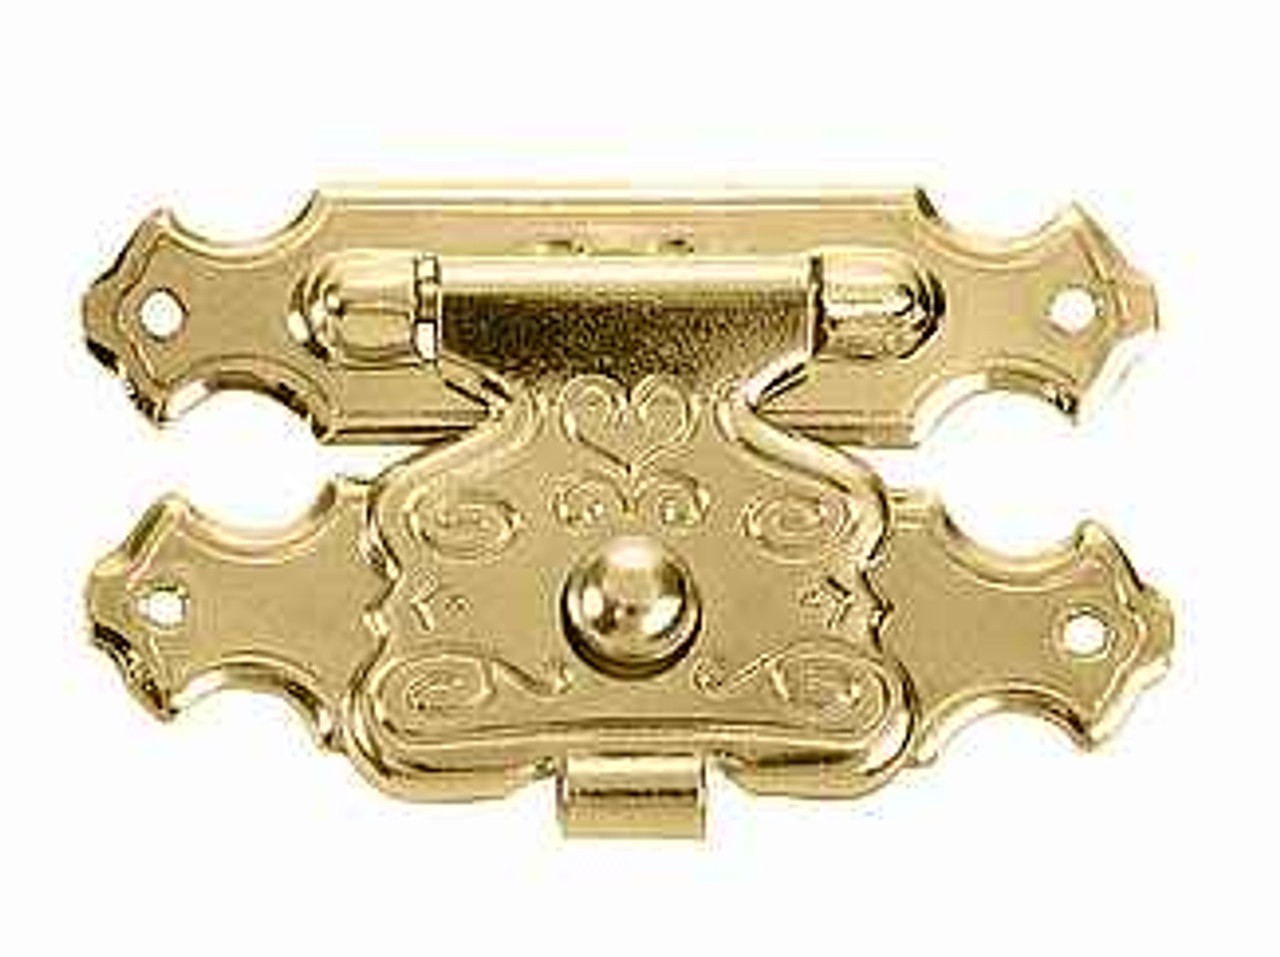 Decorative Box Latch/Catch Brass 1 x 5/8 Brass